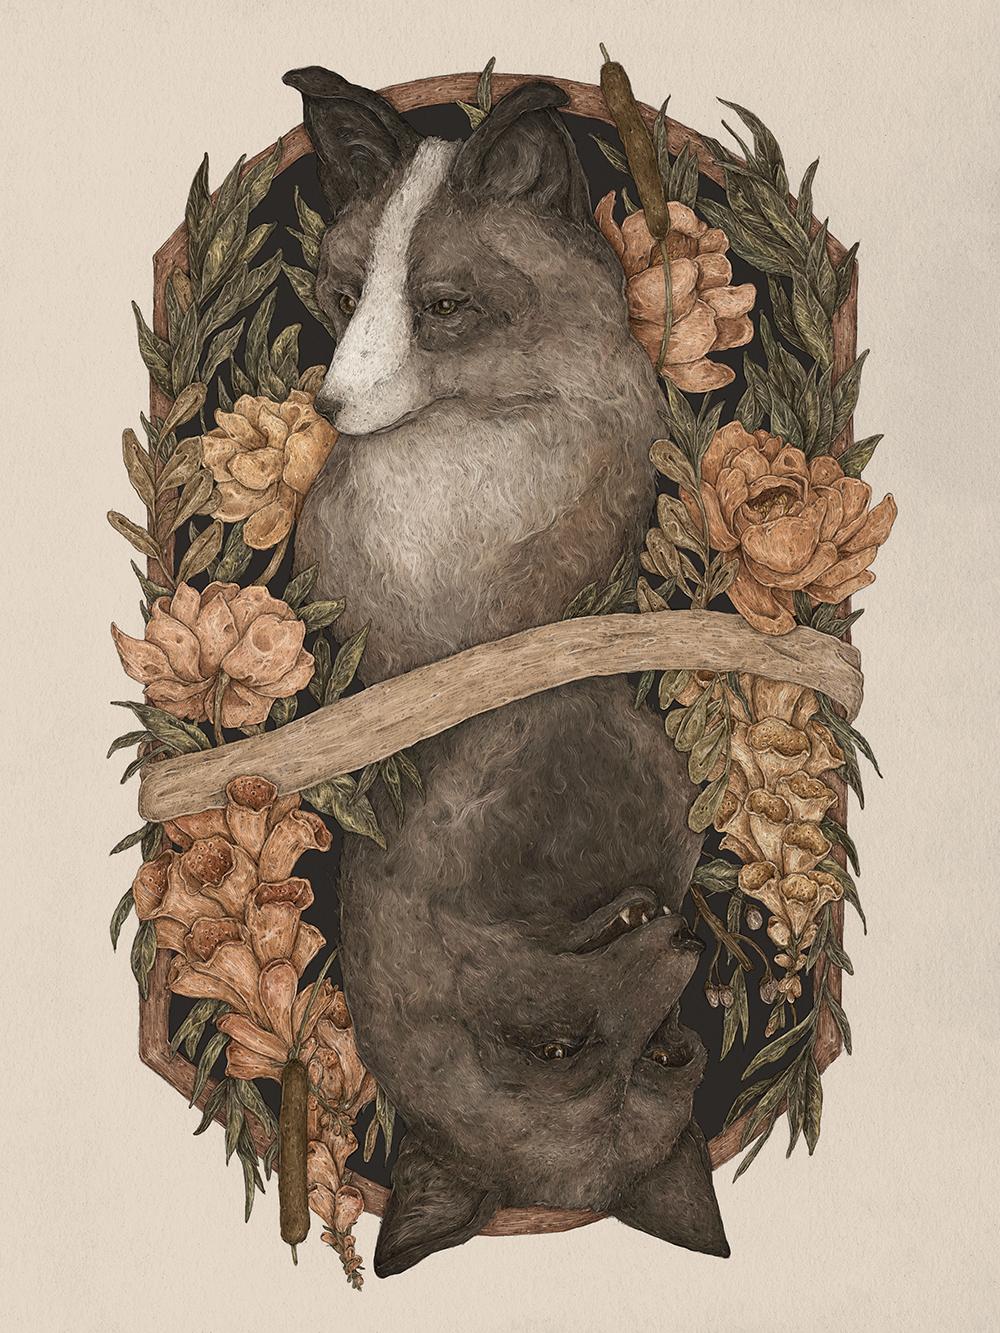 """""""Friend Fox, Foe Fox"""" by Jessica Roux"""